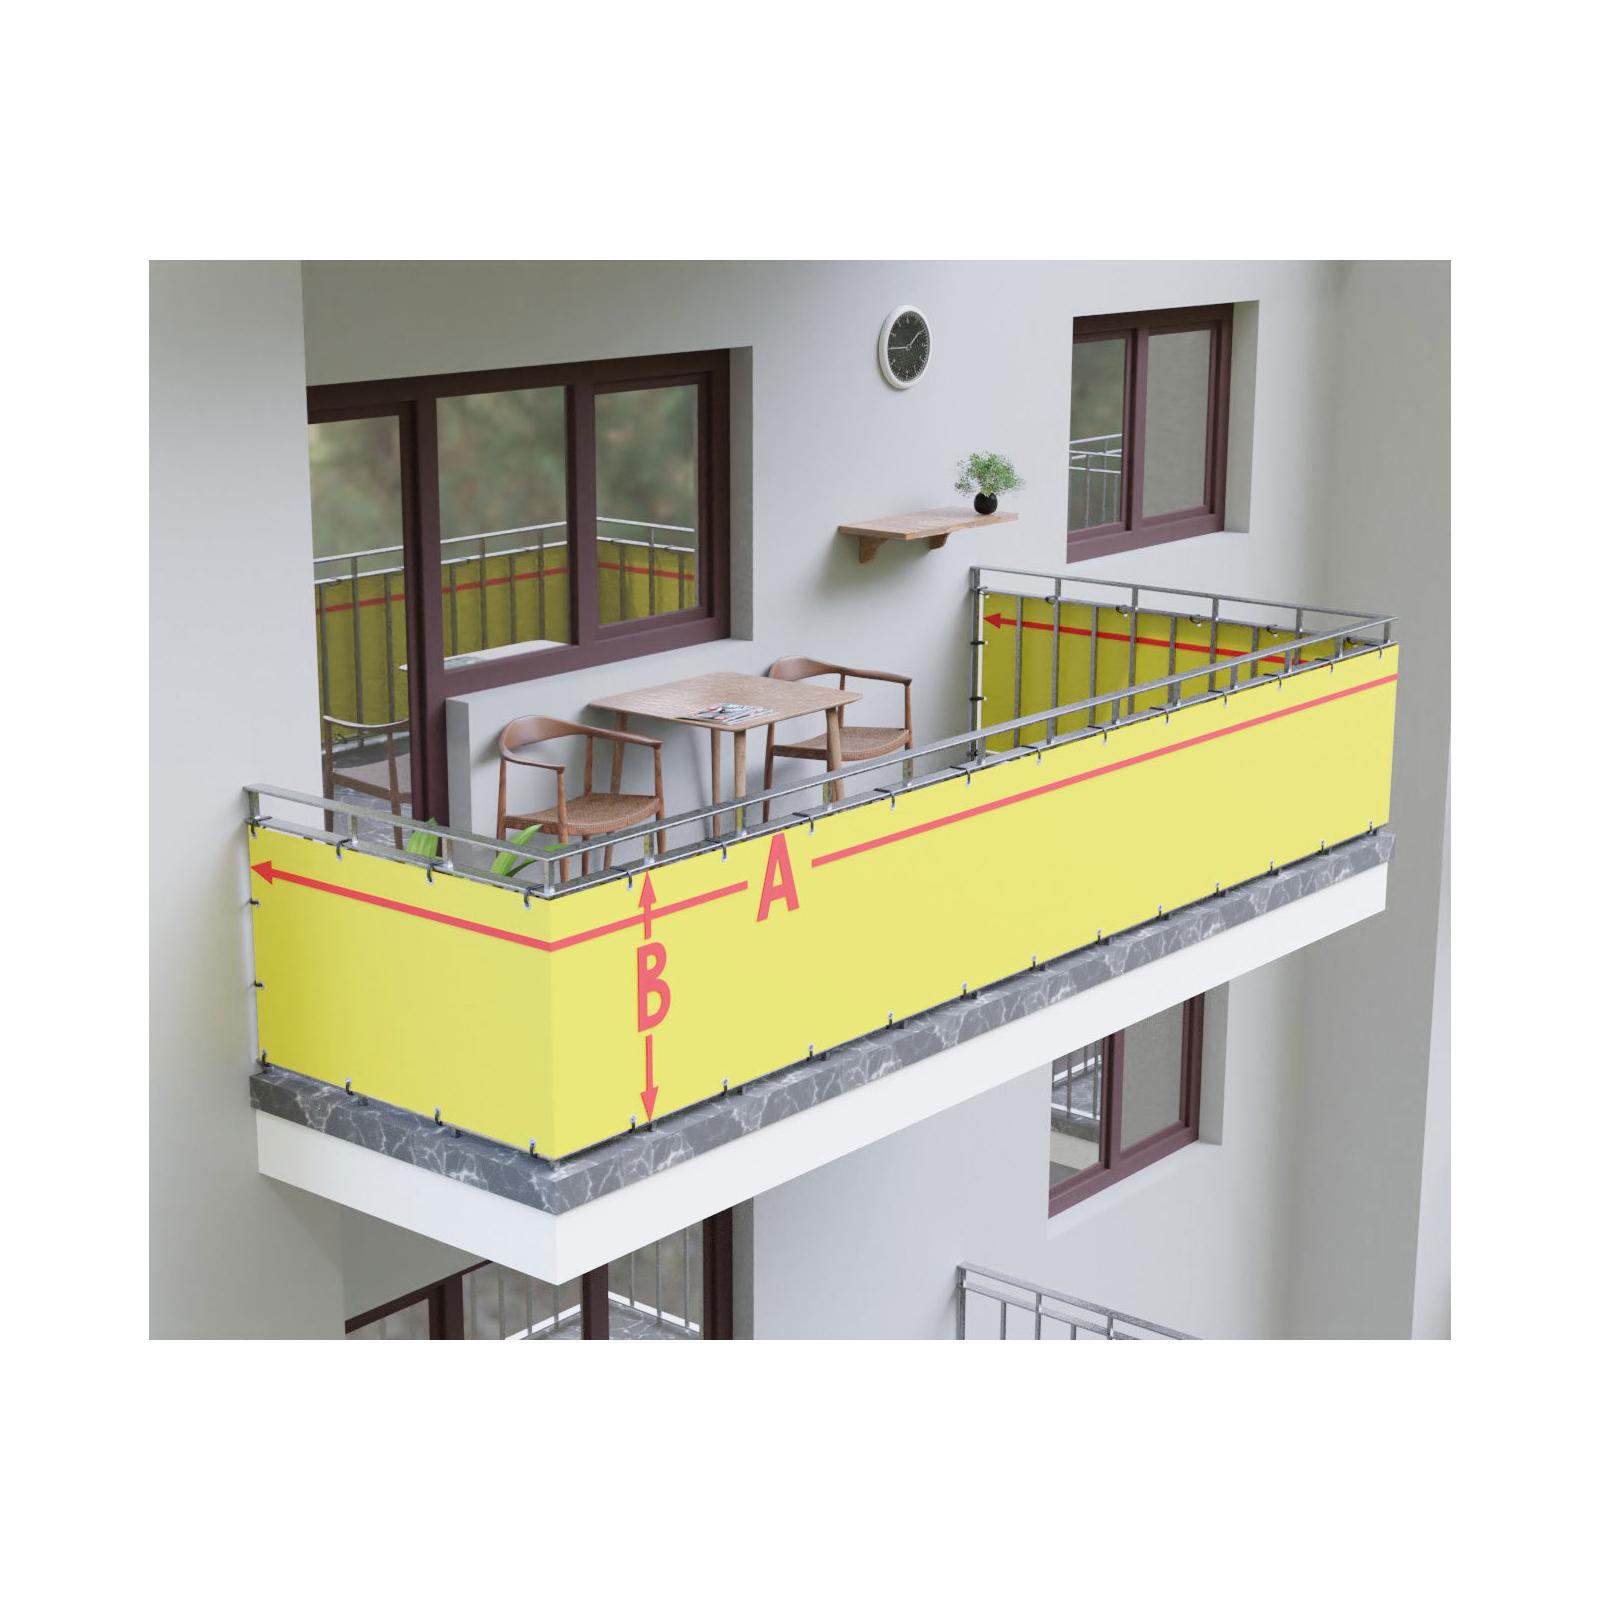 Balkonbespannung Nach Mass Direkt Vom Hersteller 30 Farben